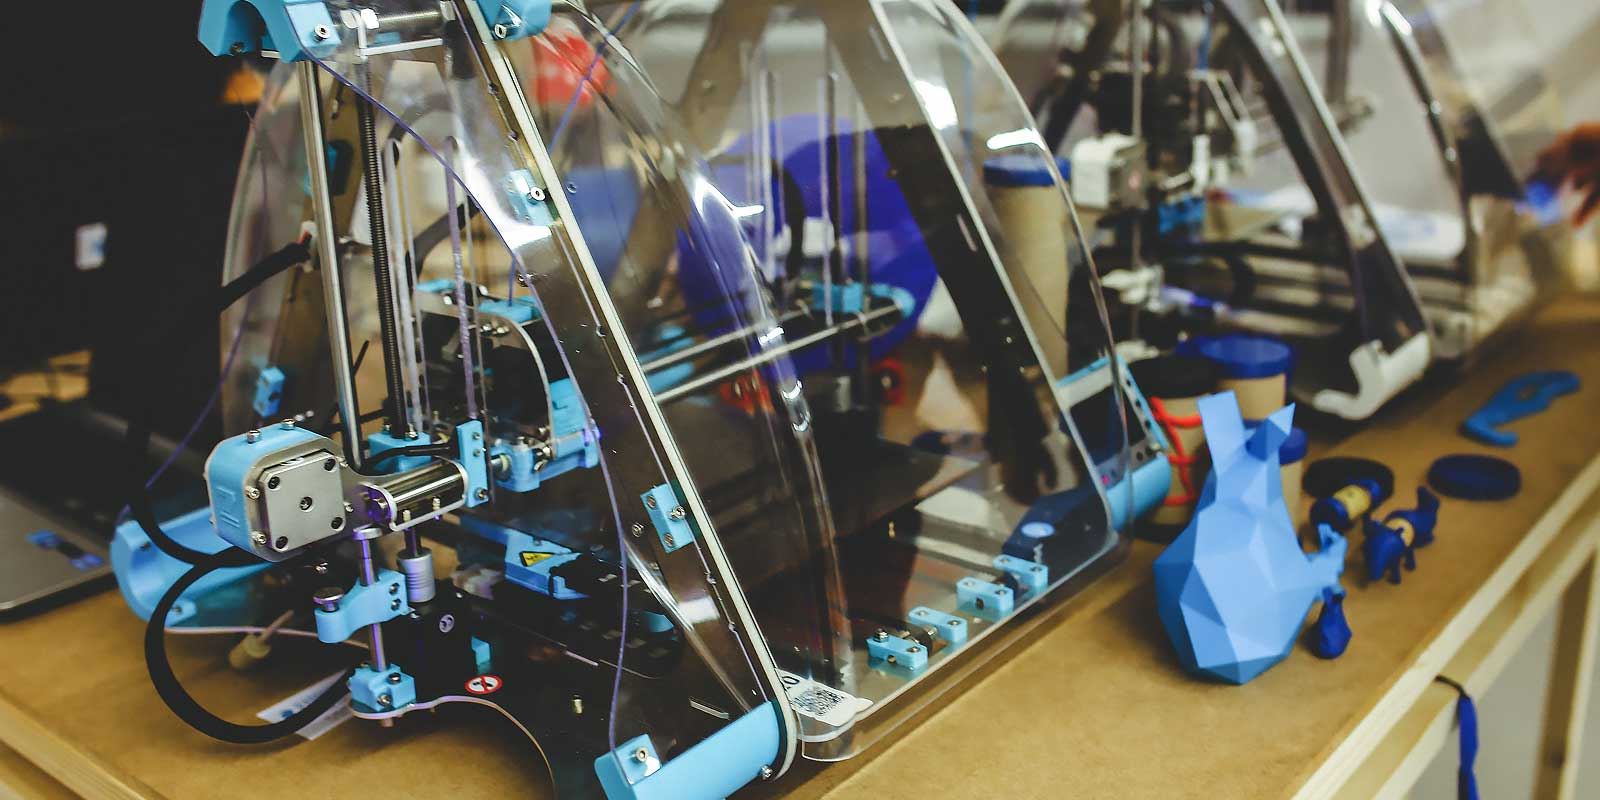 stampa-3d-facile-modelli-estrusore-filamento-design-problemi-guida-plastica-stampante-simplify3d-surriscaldamento-layer-velocita-raffreddamento-1